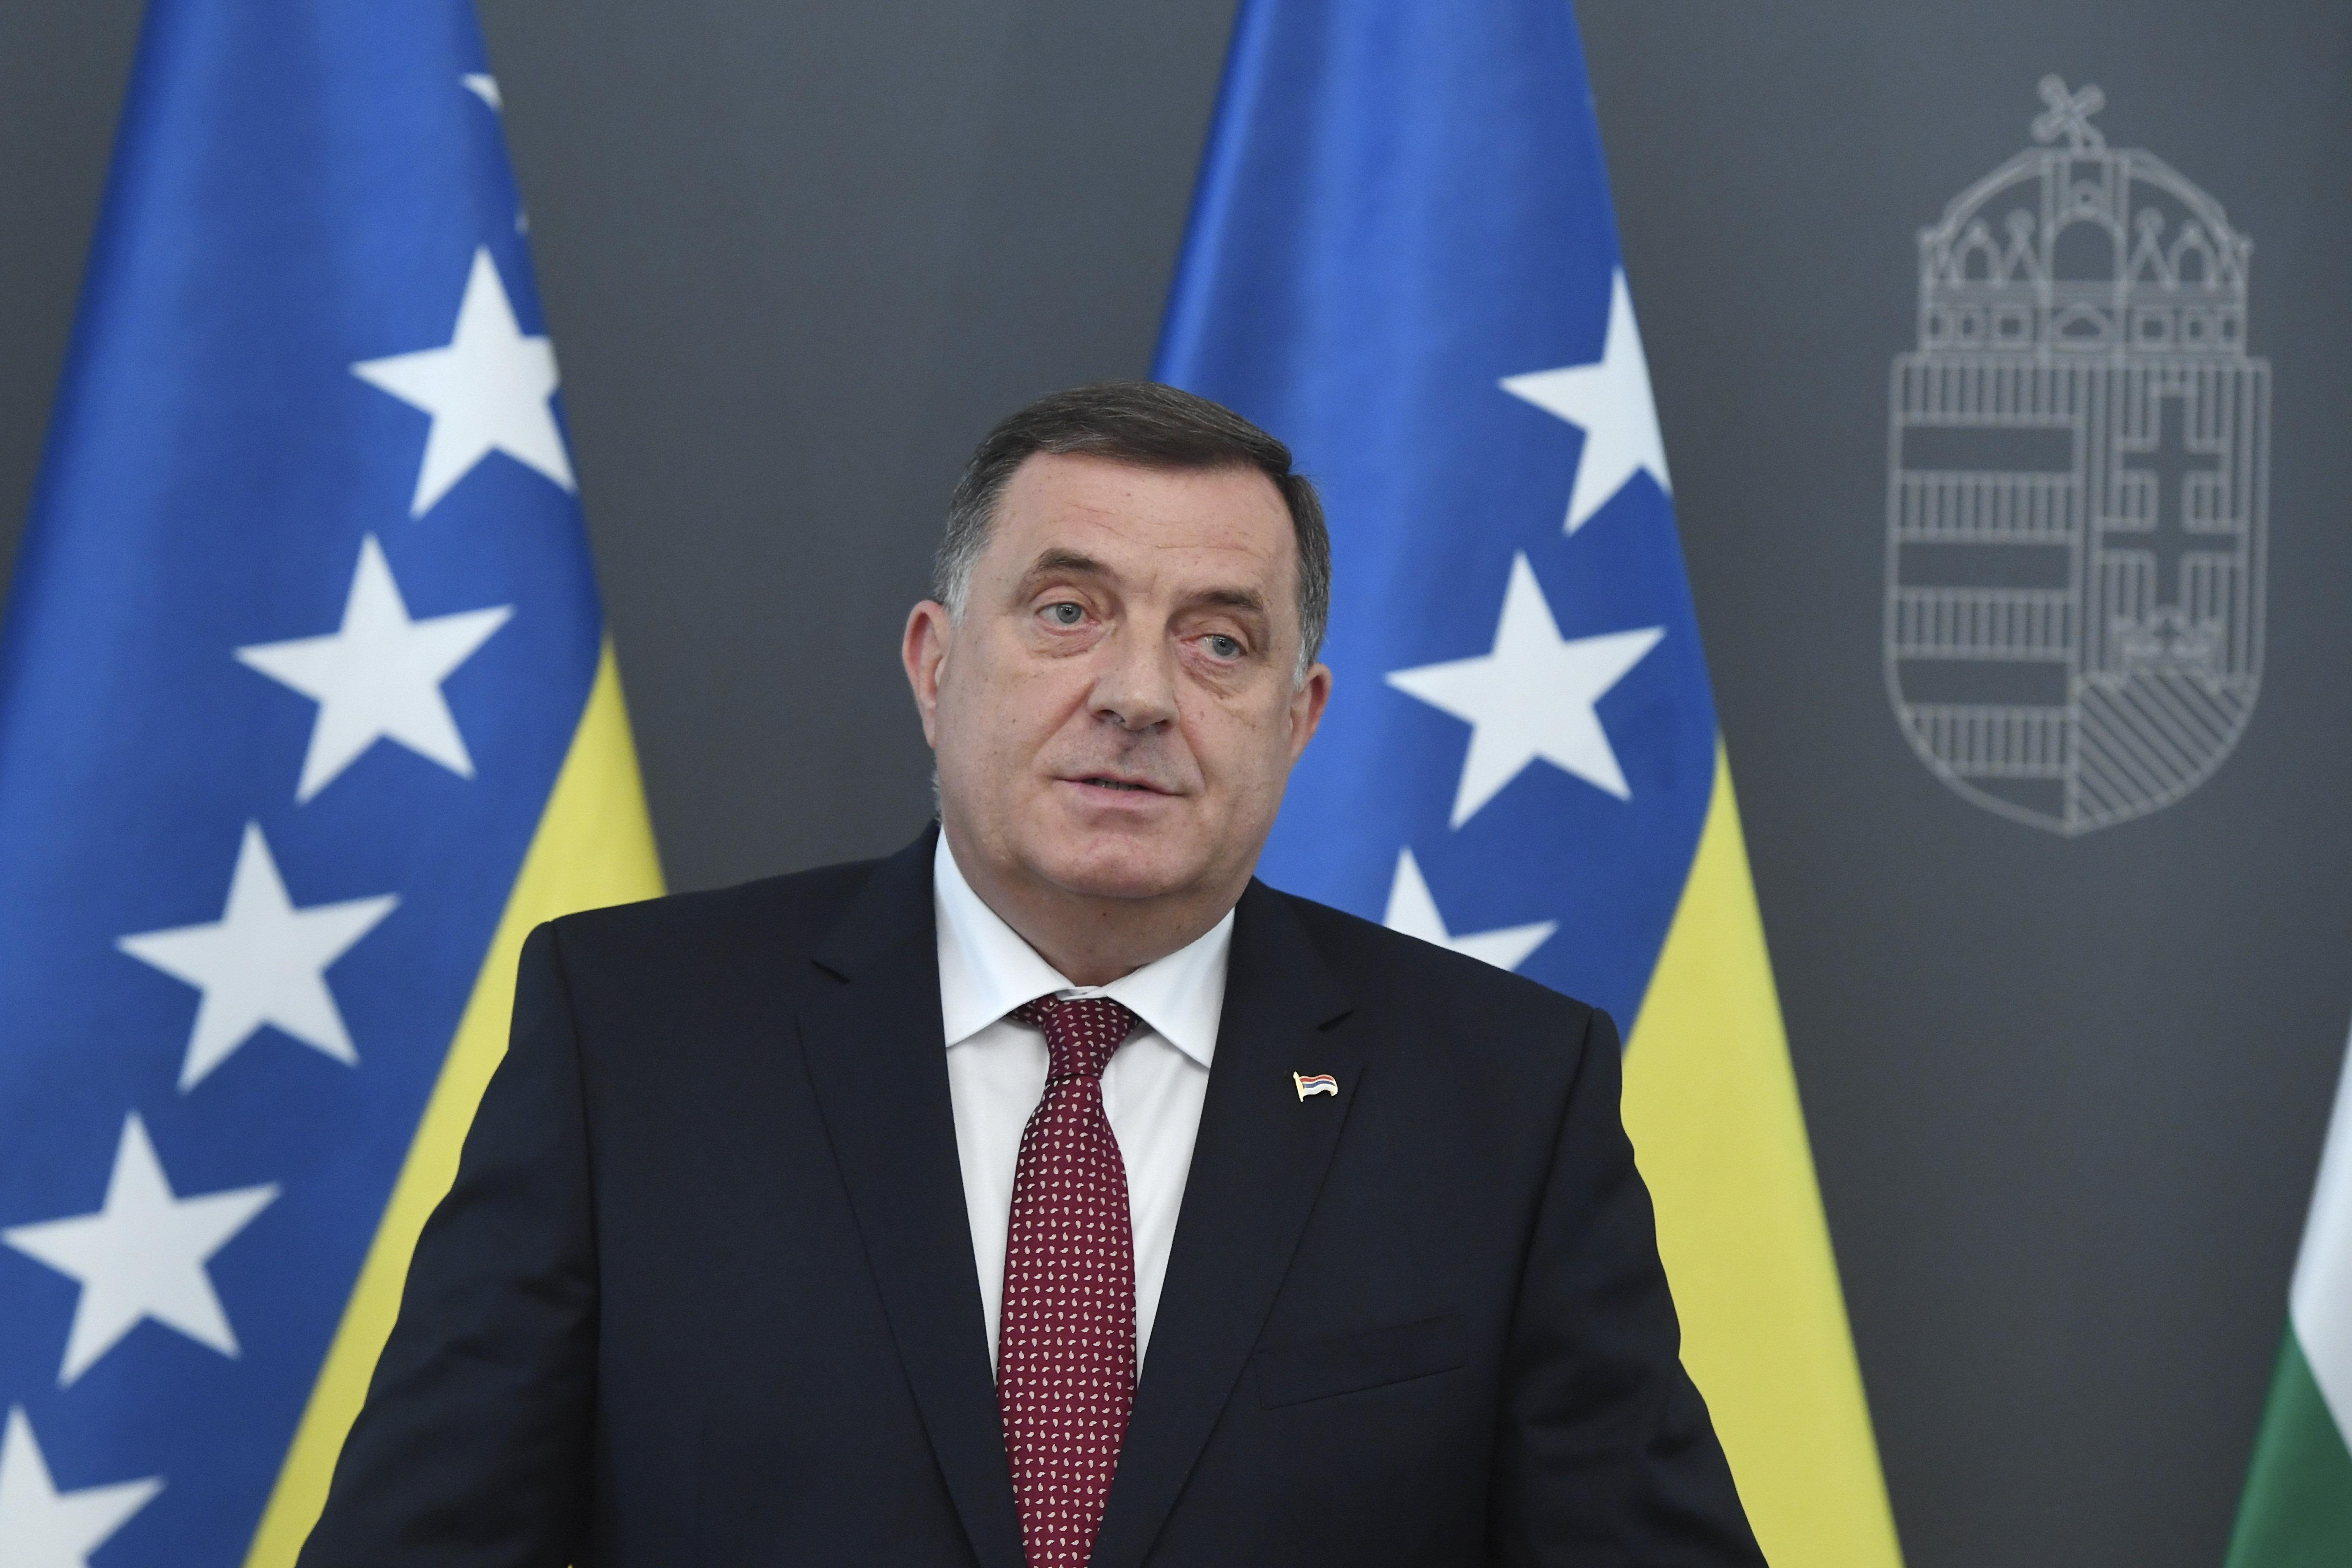 Dodik: Bošnjaci su konvertiti i podanički narod, a ne državotvorni